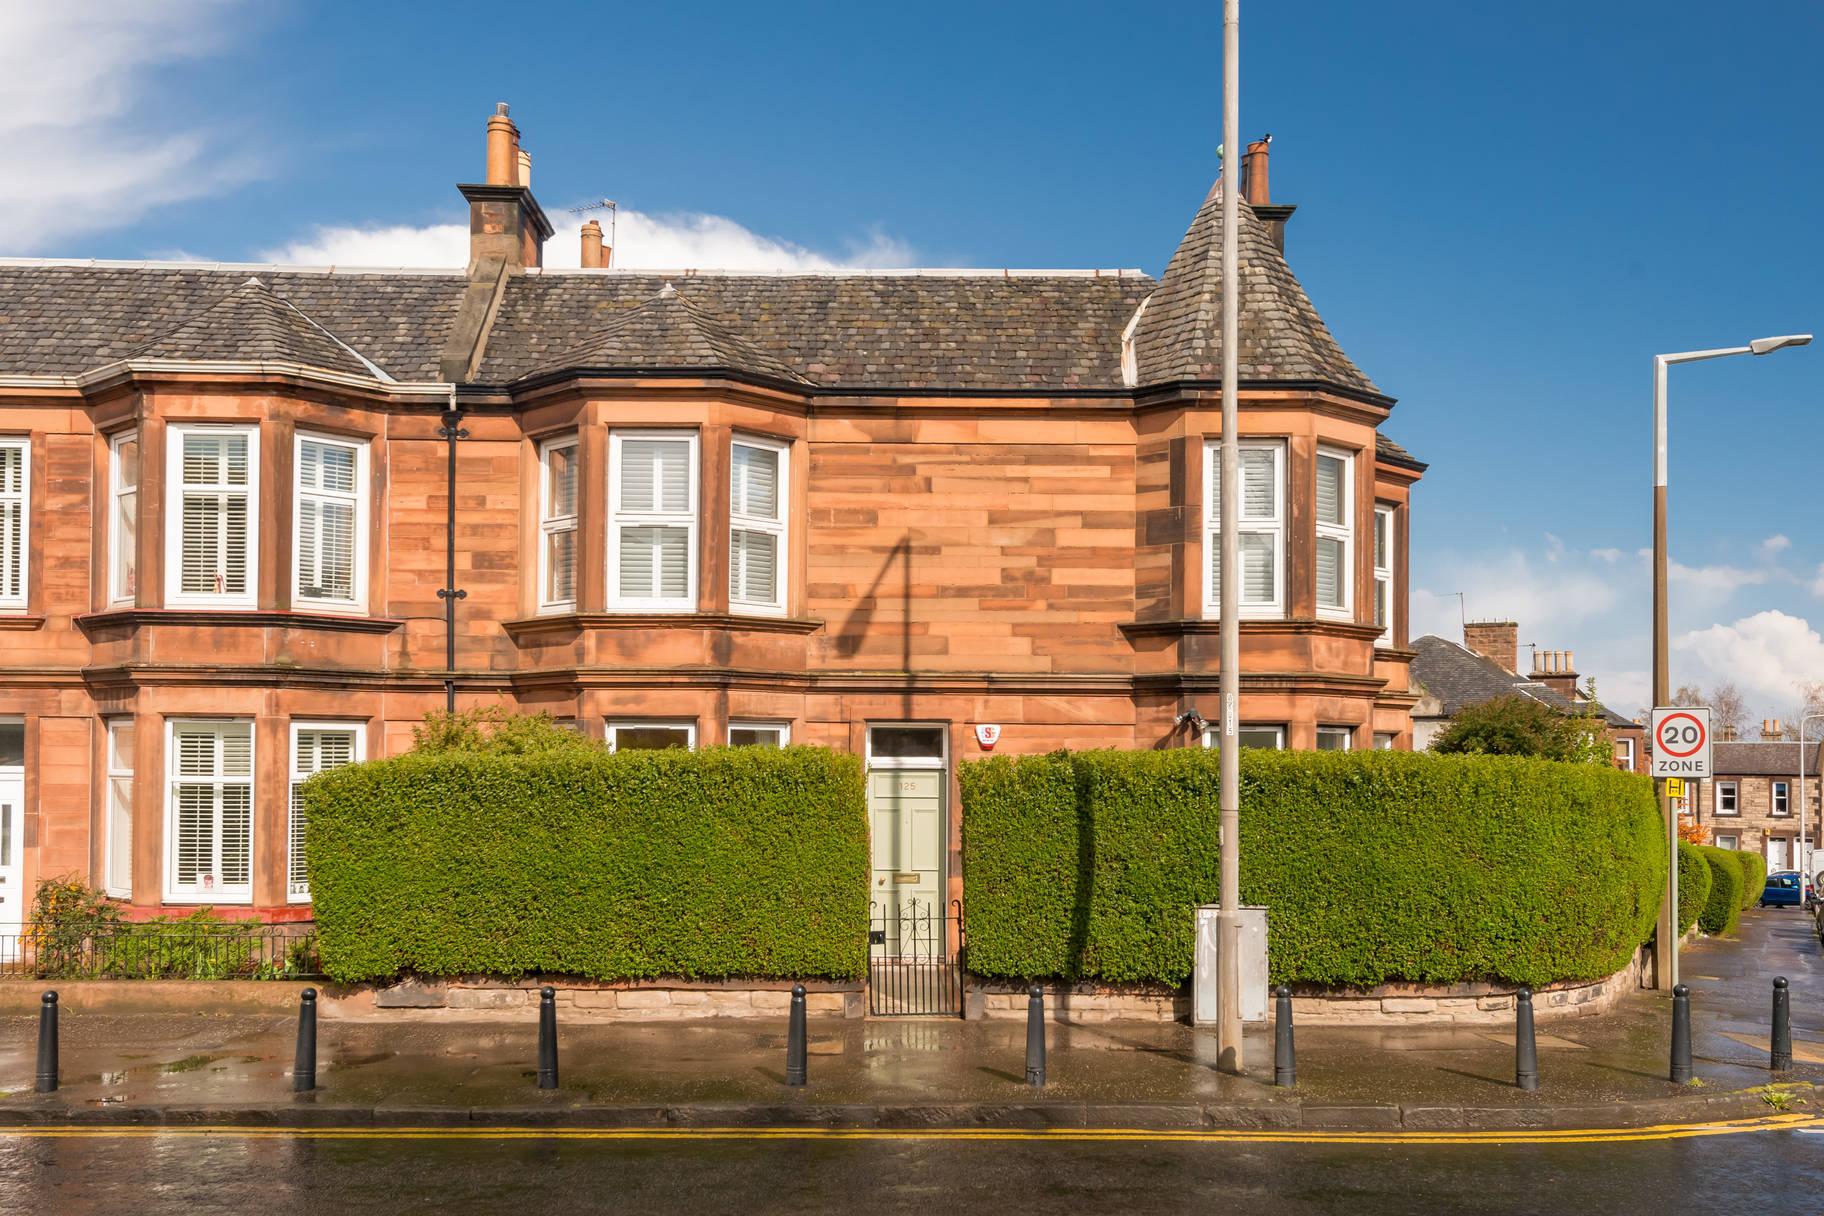 125 Willowbrae Road, Edinburgh, EH8 7HN